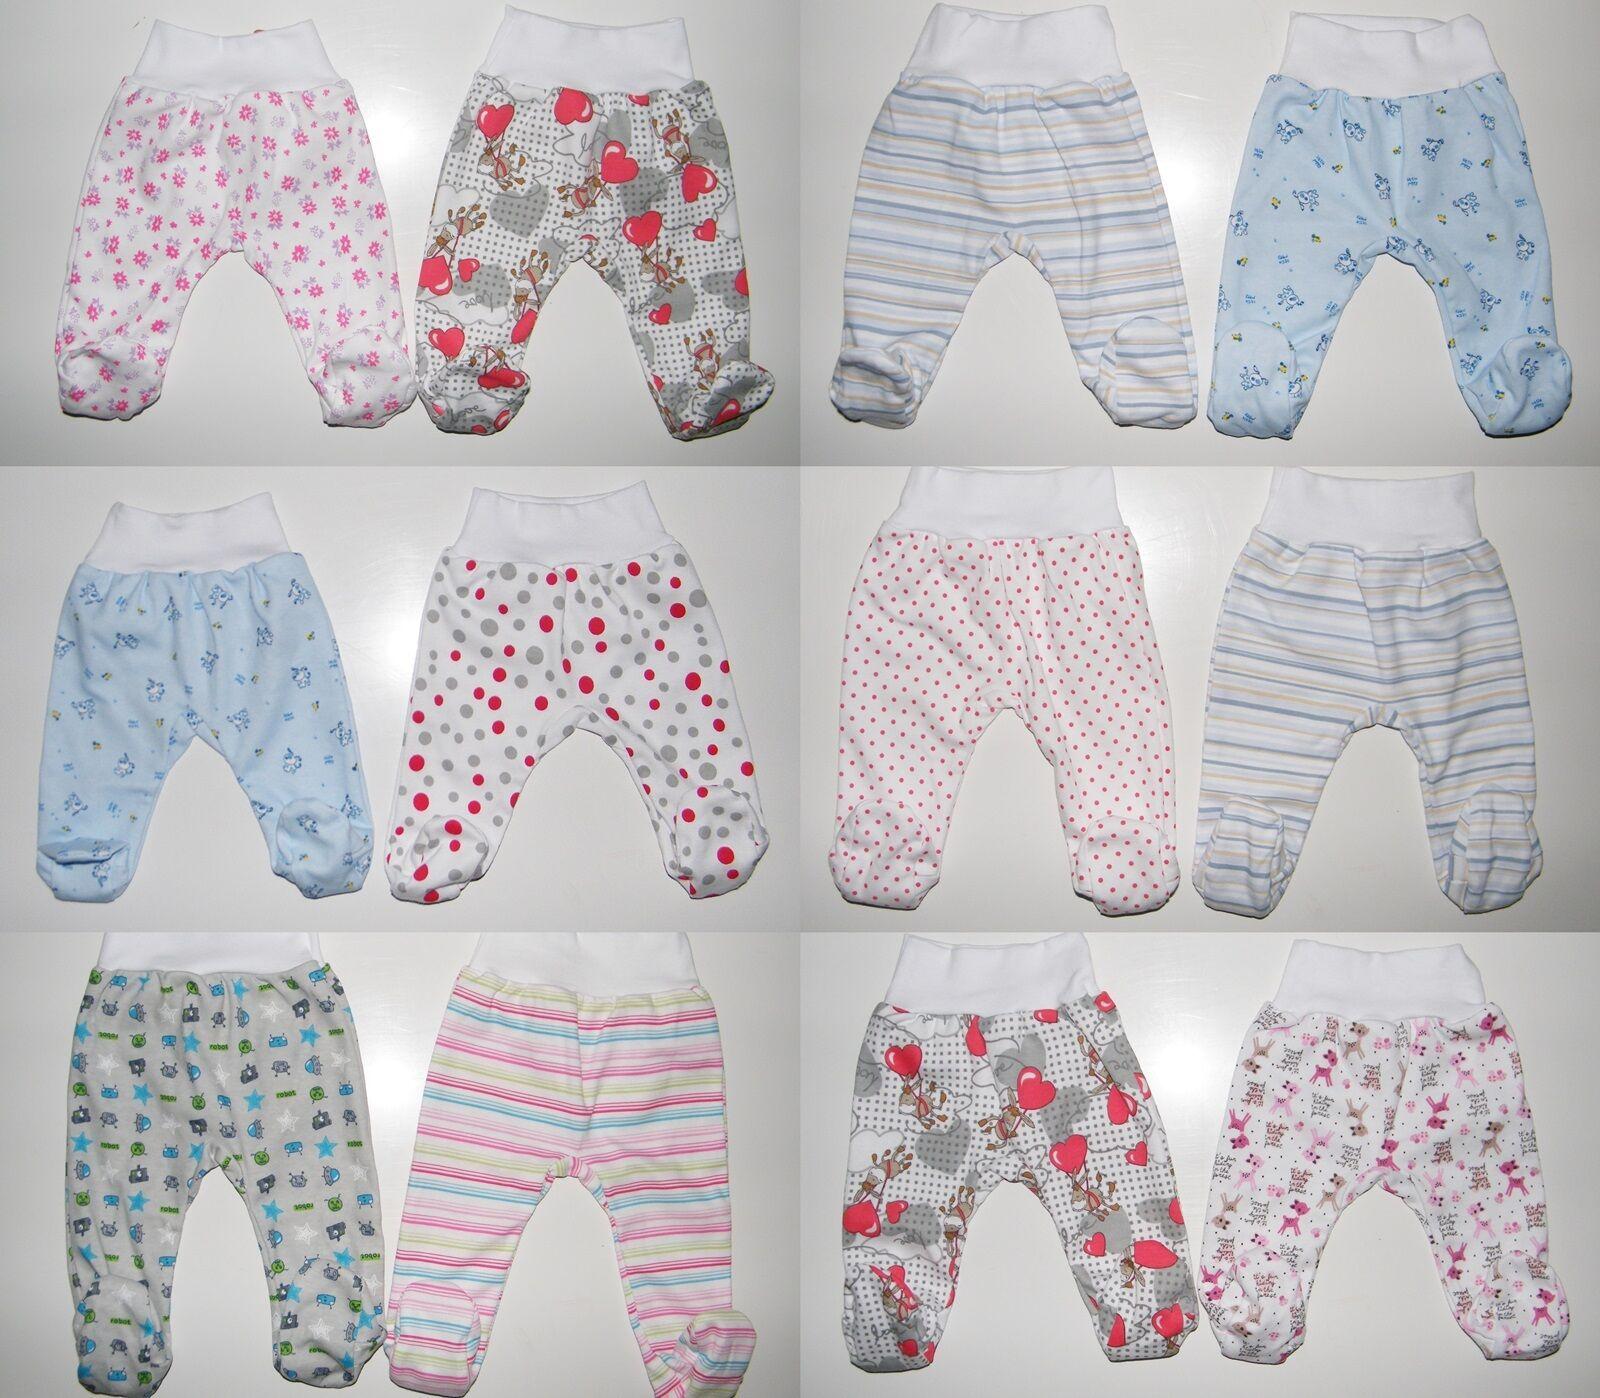 2er Pack Baby Hosen mit Fuß Schlupfhose Babyhose Gr. 56 62 68 74 80 86 Baumwolle